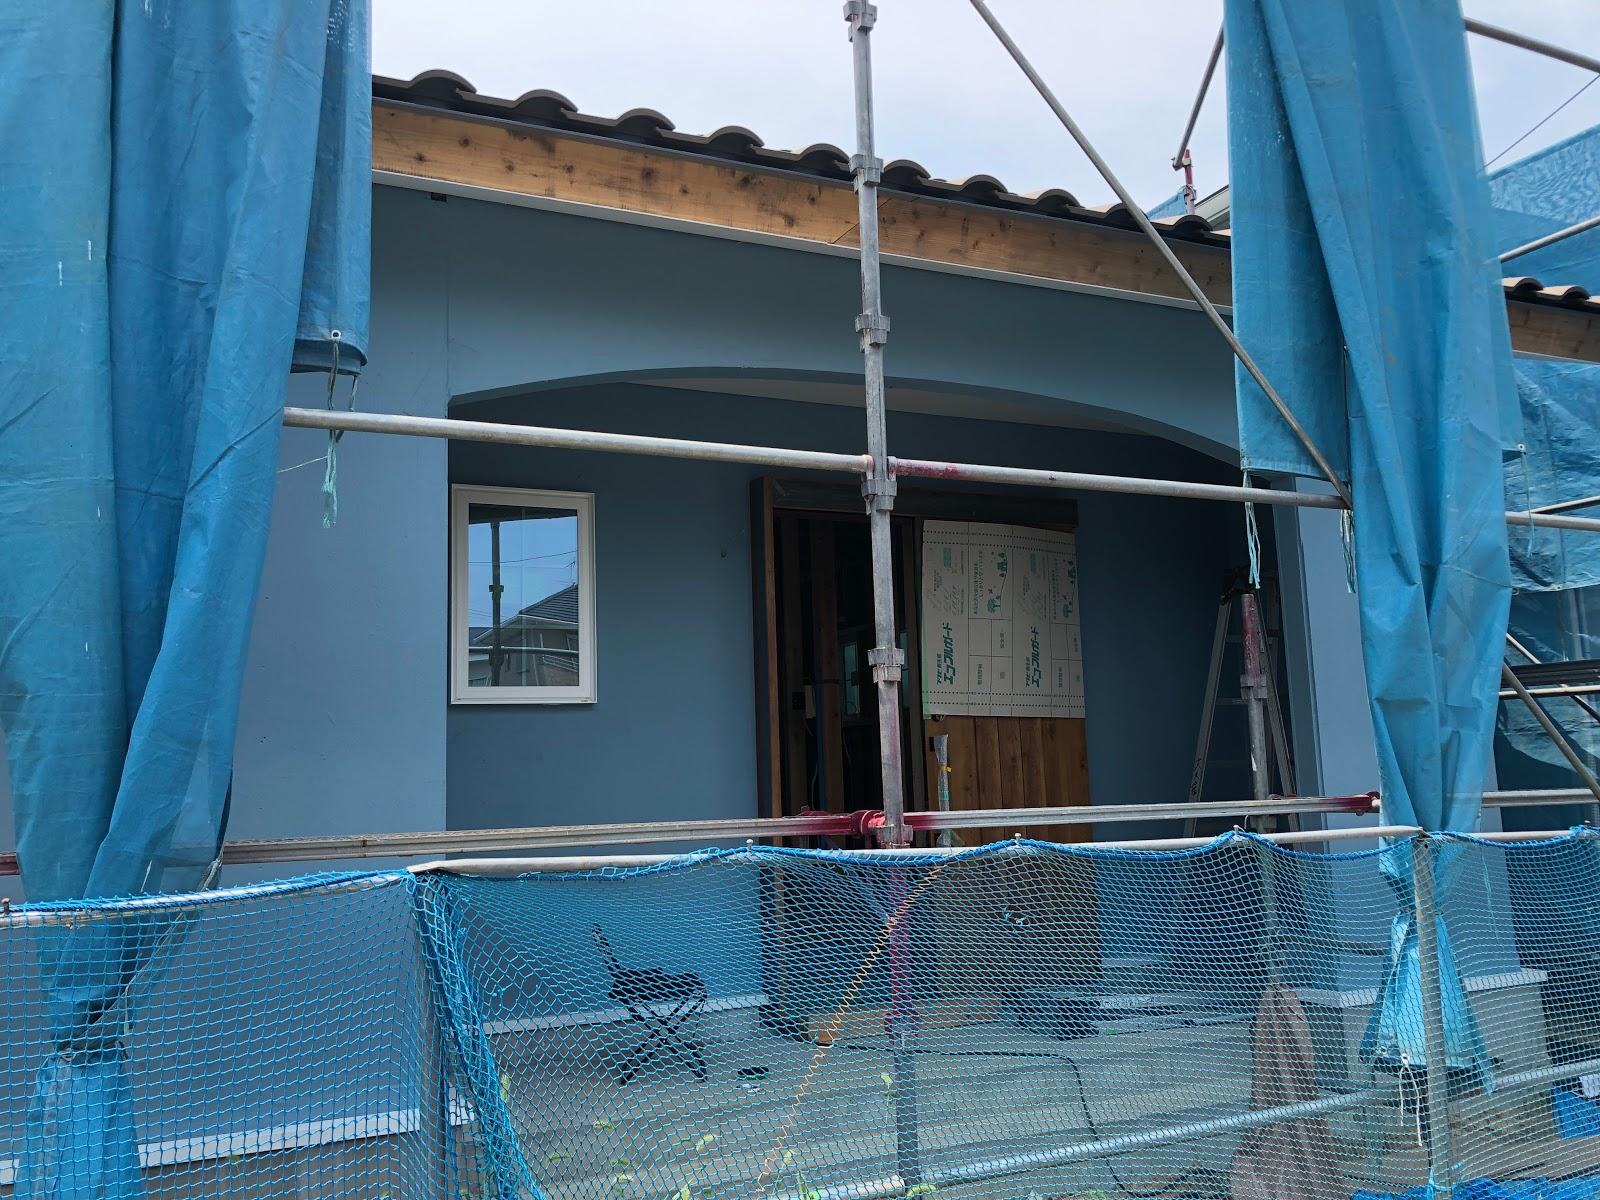 平屋の家 鈴鹿市自然素材の家 みのや 防水塗料完了 セルロースファイバーシートの施工中